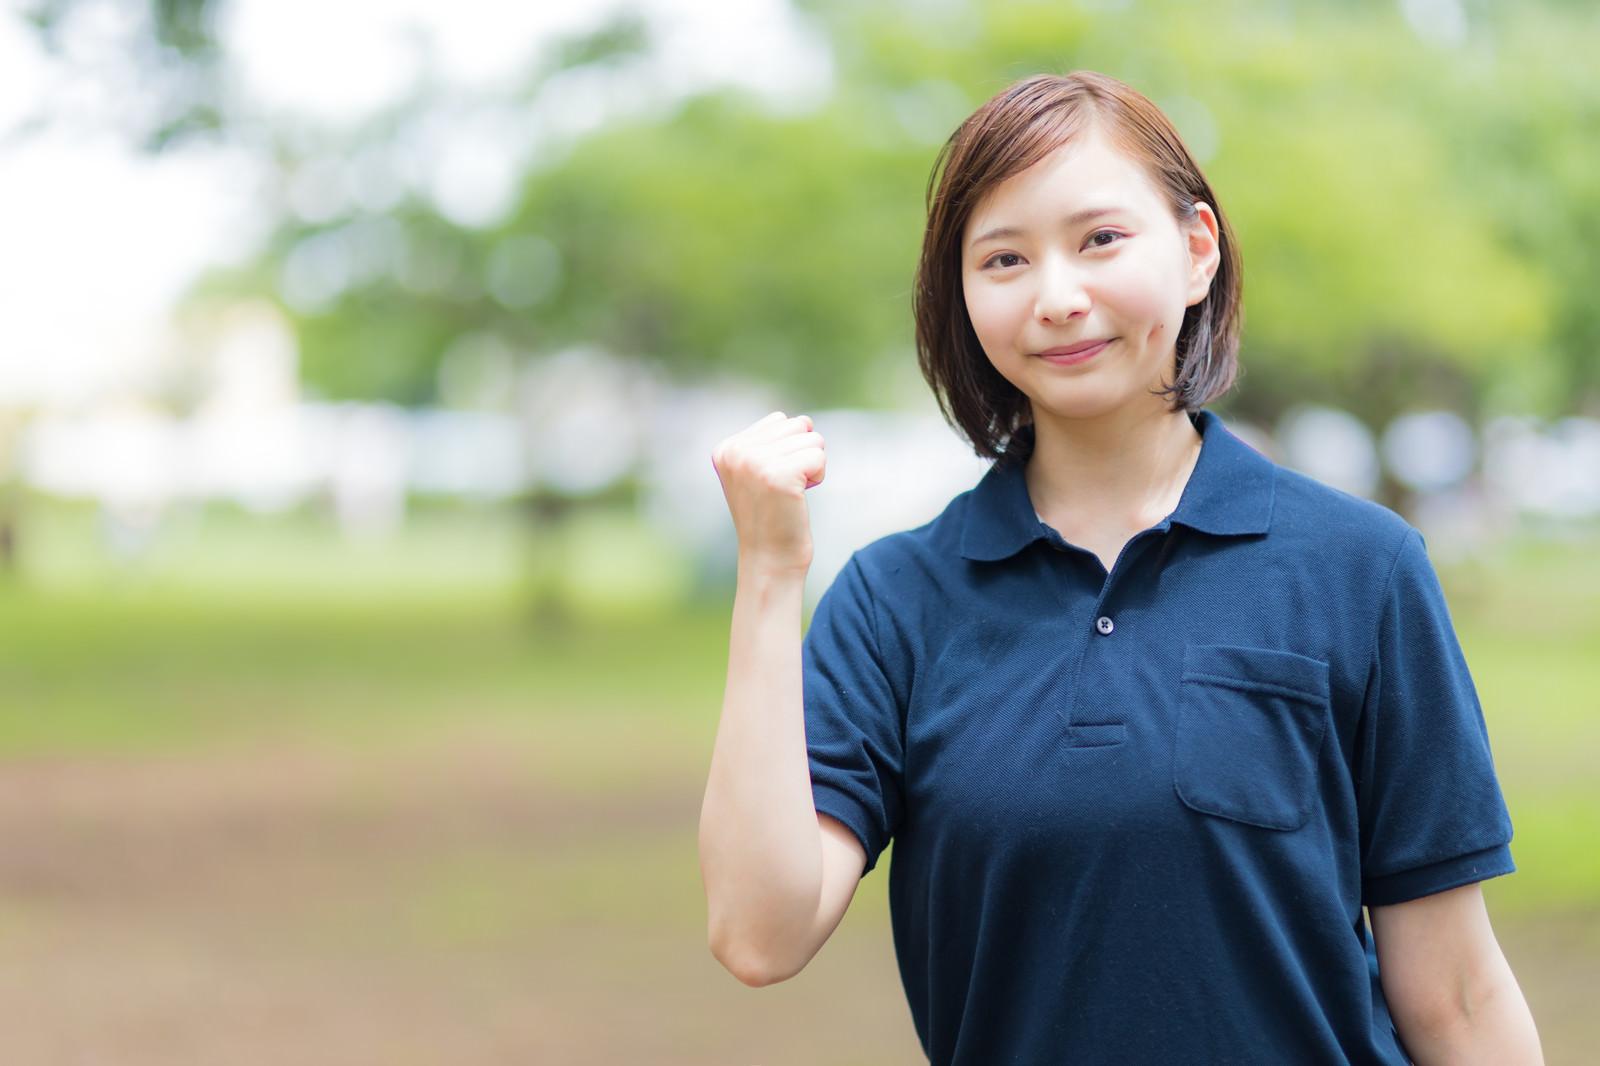 「ガッツポーズで応援する介護子の女性」[モデル:yumiko]